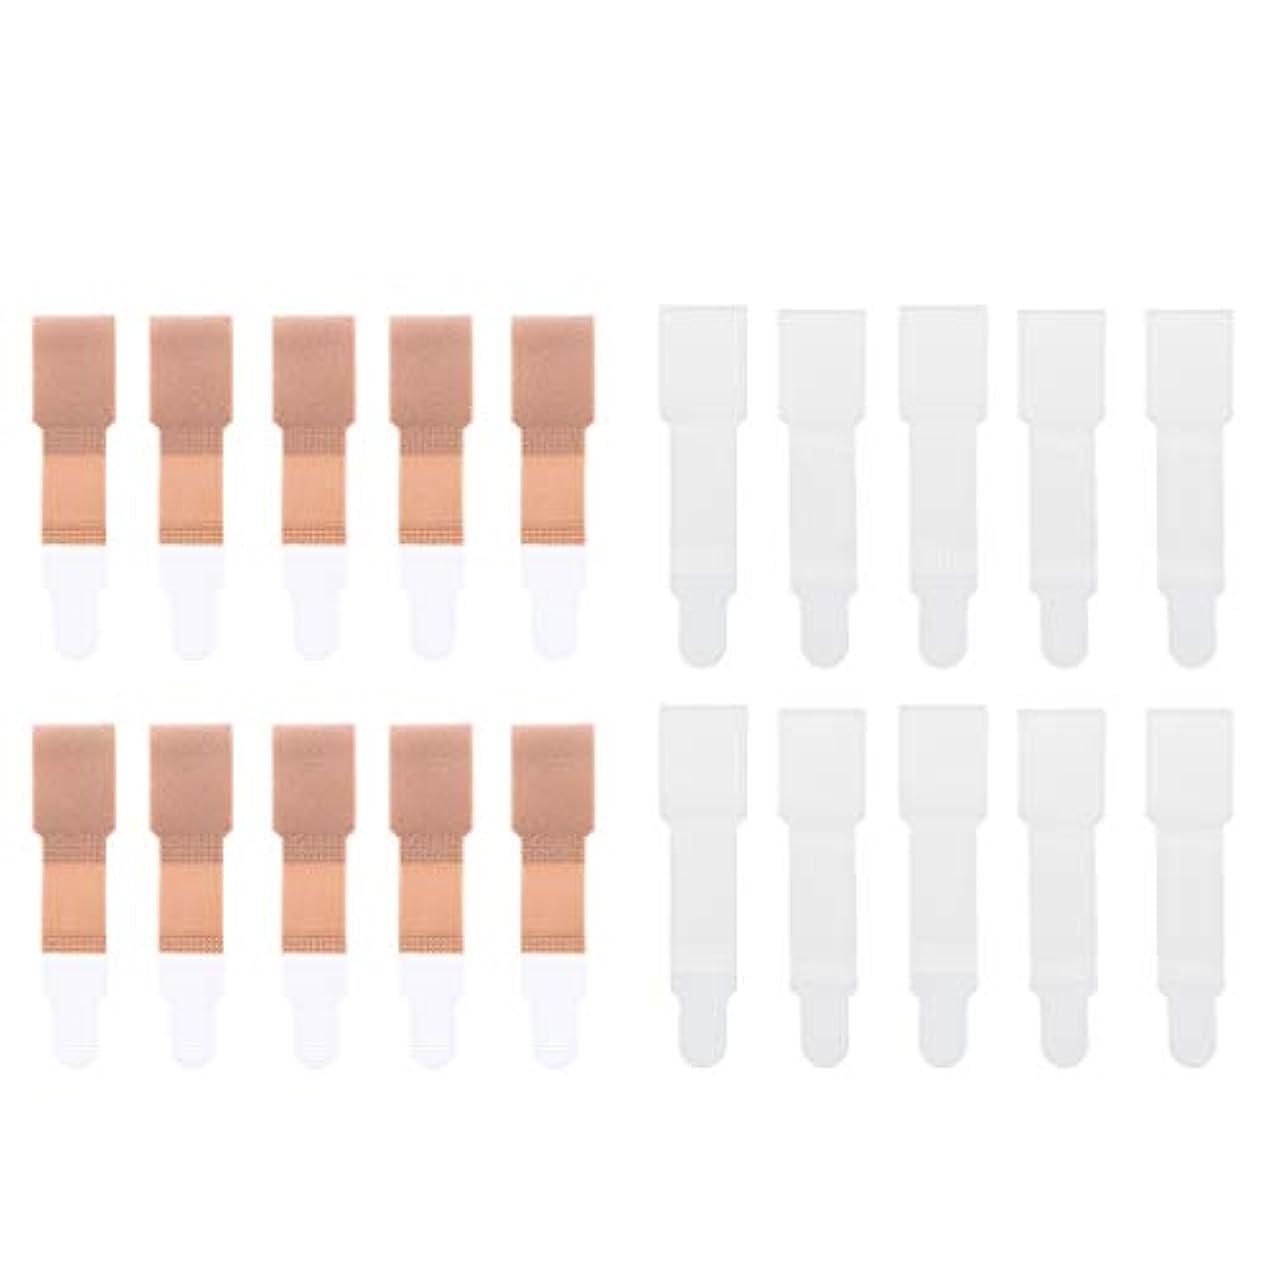 ハンディために慈善足のつまみ トゥーブレースラップ トゥセパレータ 包帯 ストレートナー 20個入り 全2色選べ - 肌+白